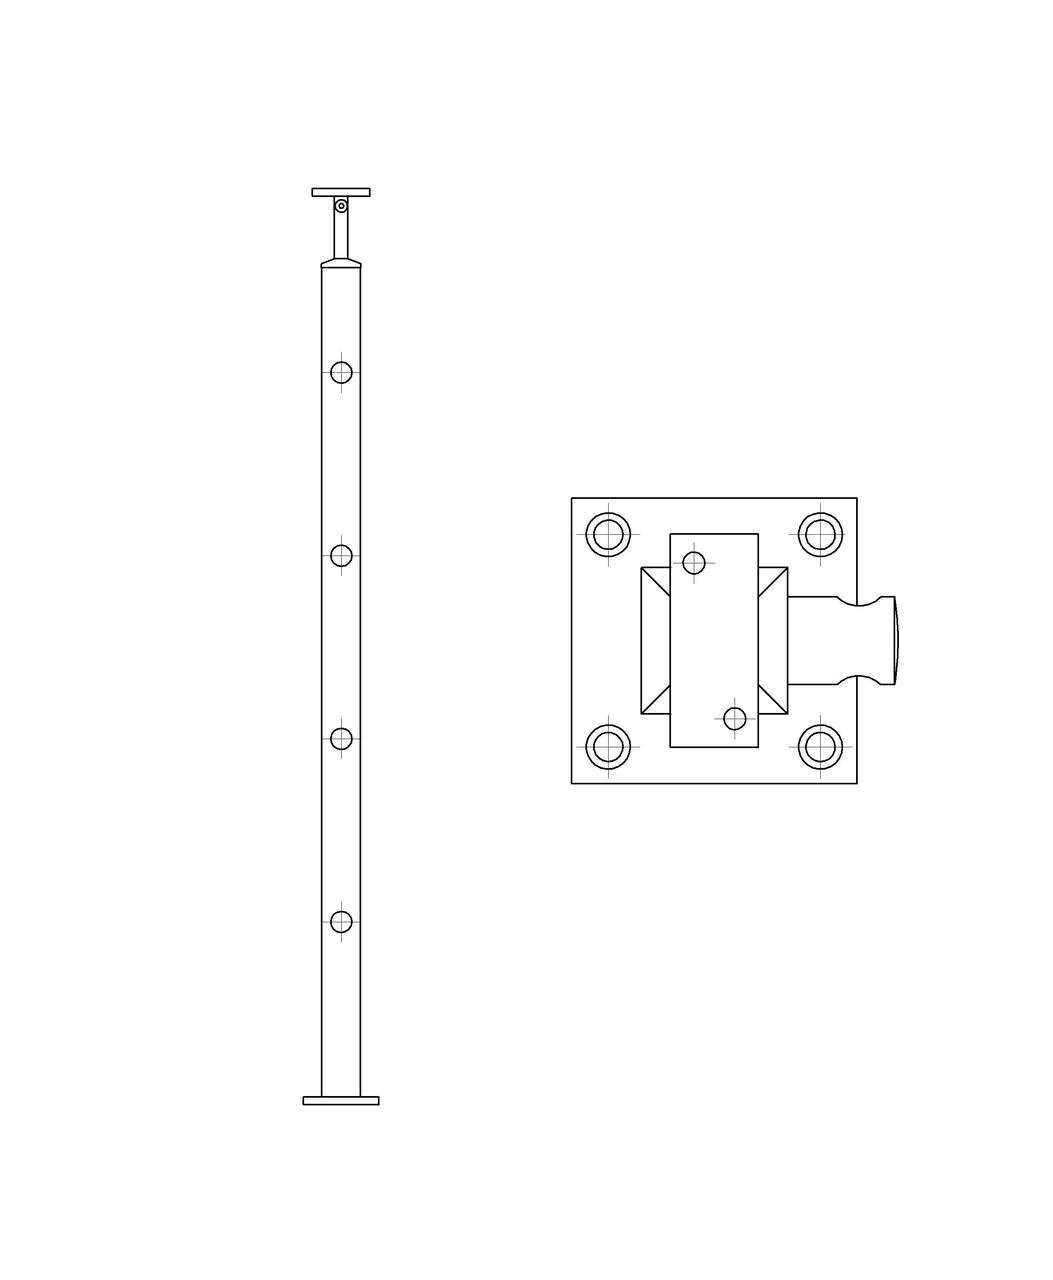 ODF-20-04-01-H950 Стойка под ригельное наполнение с 4-мя регедержателями и квадратный поручень